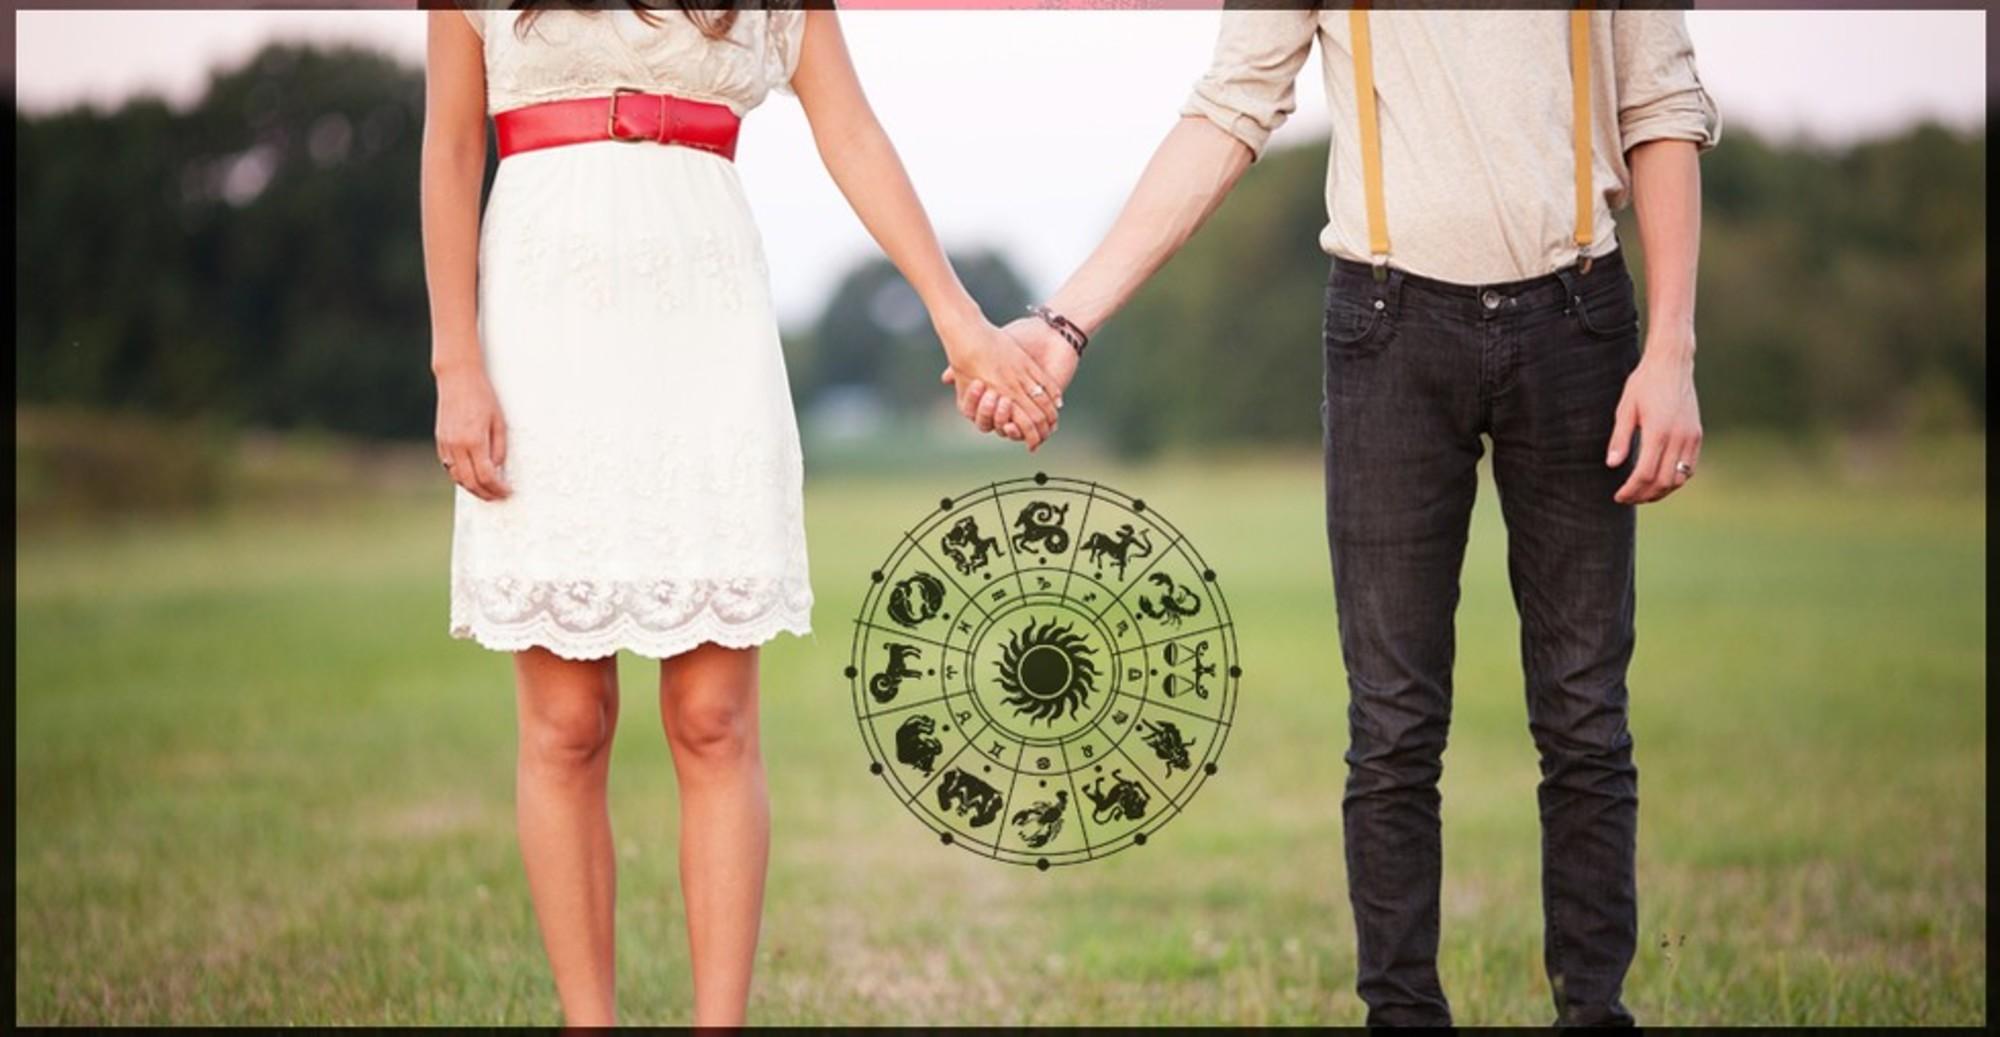 Svi imaju granice. Šta očekuje koji horoskopski znak u ljubavi?